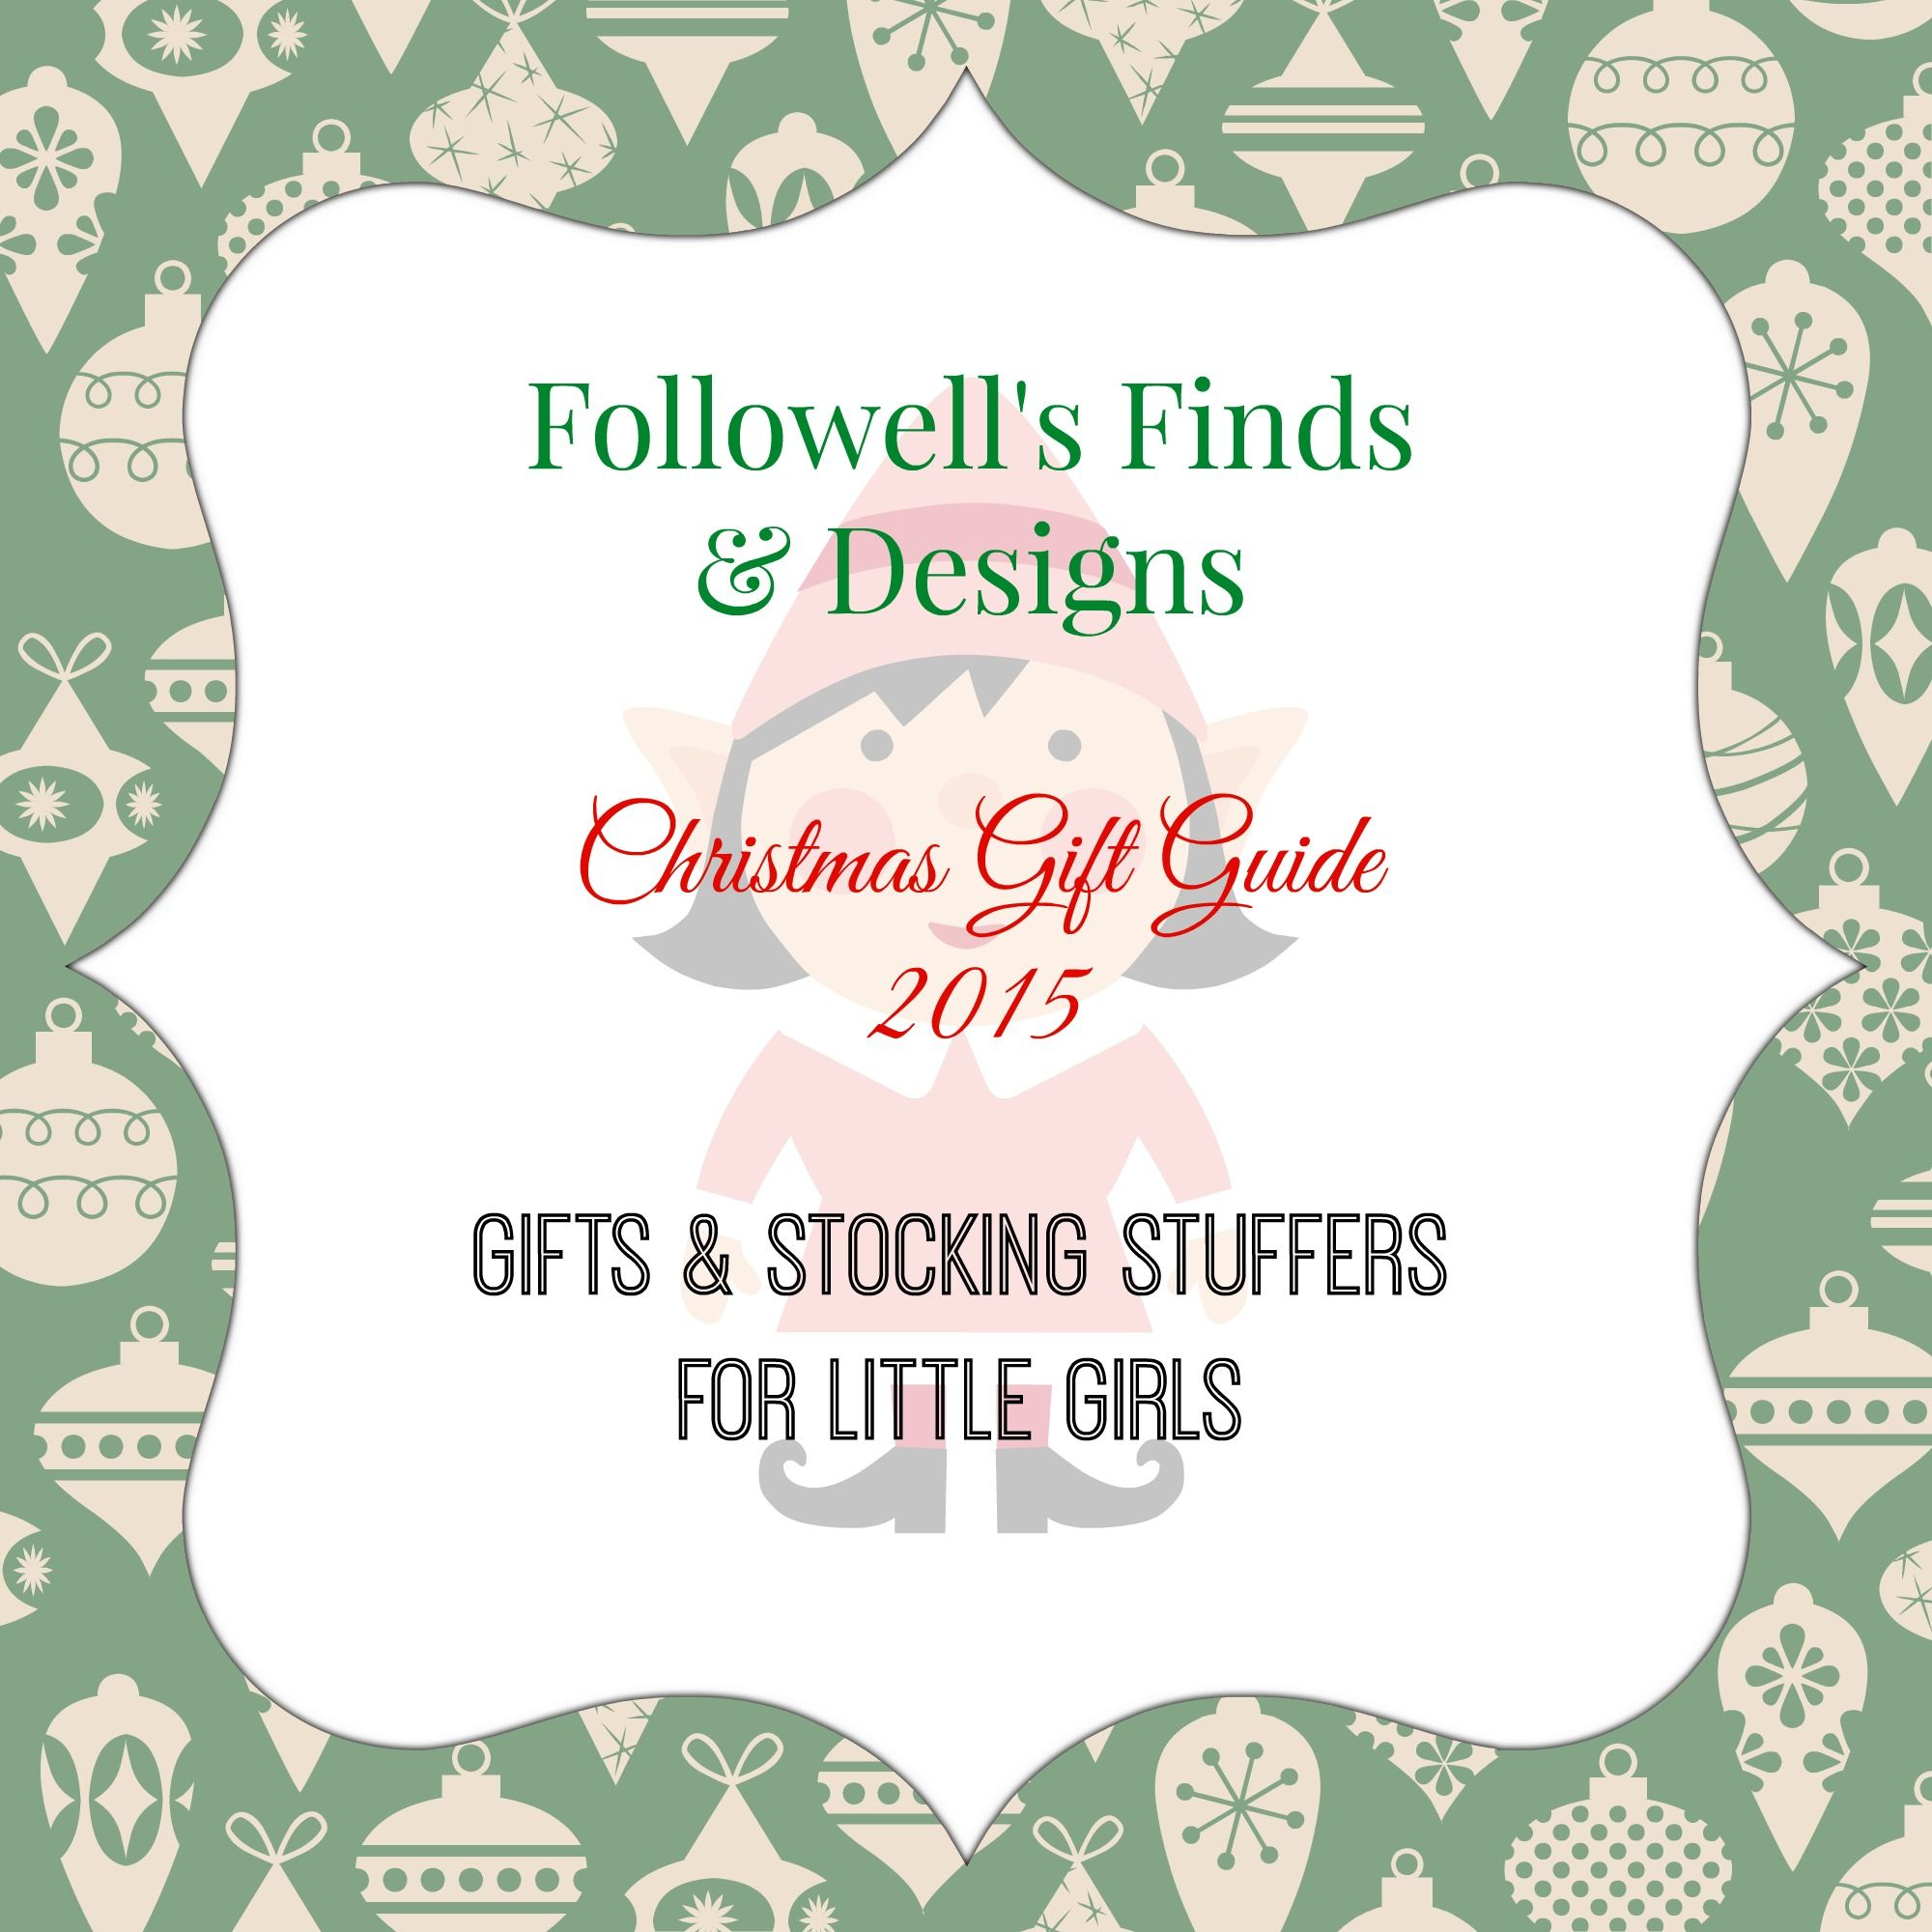 Christmas Gift Guide 2015: Gift & Stocking Stuffer Ideas for Girls